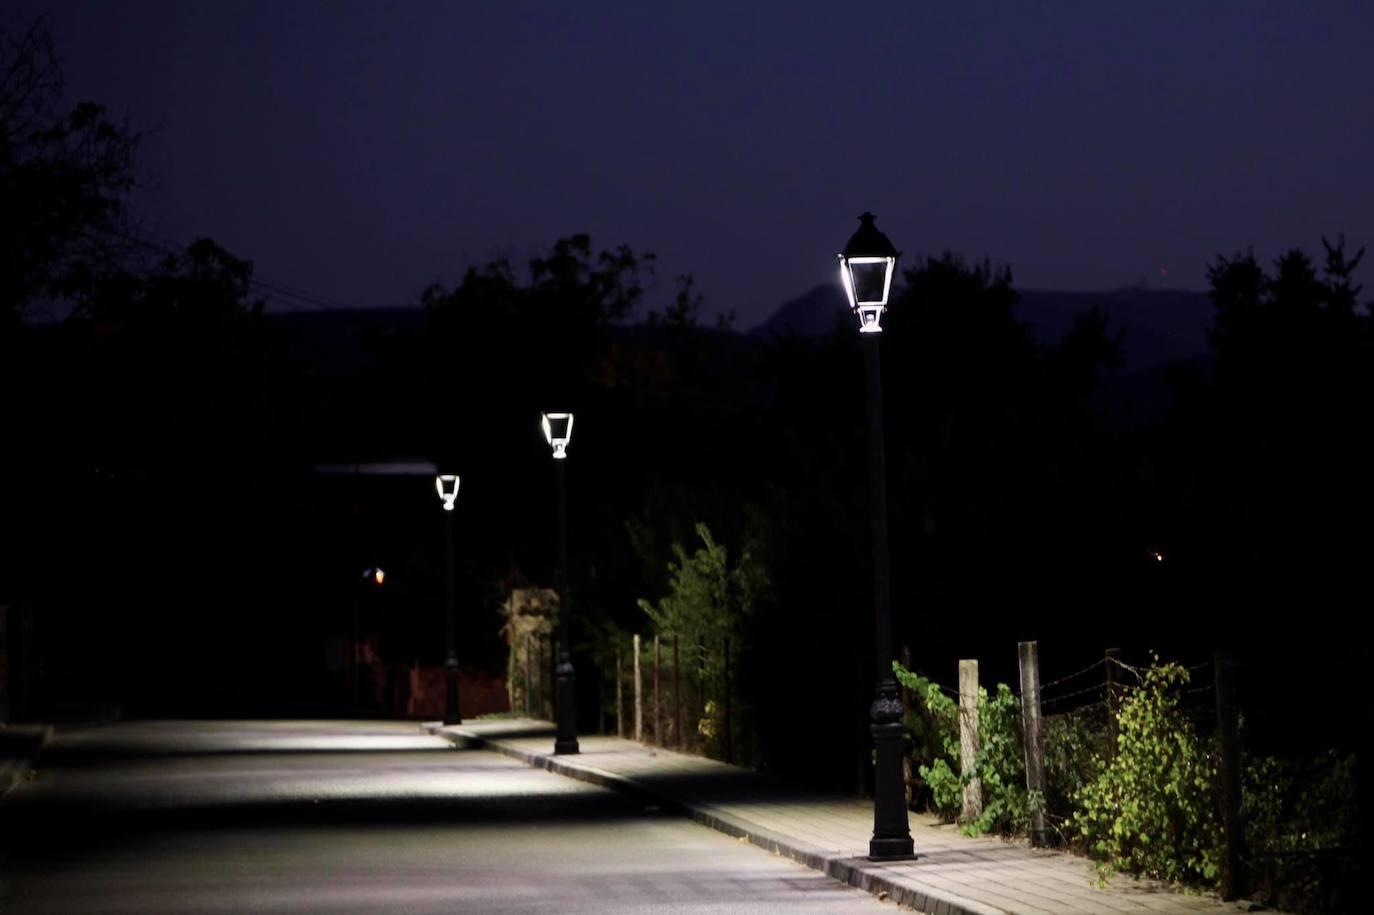 Renovación de más del 50% de la iluminación de la urbanización Fuente del Rey